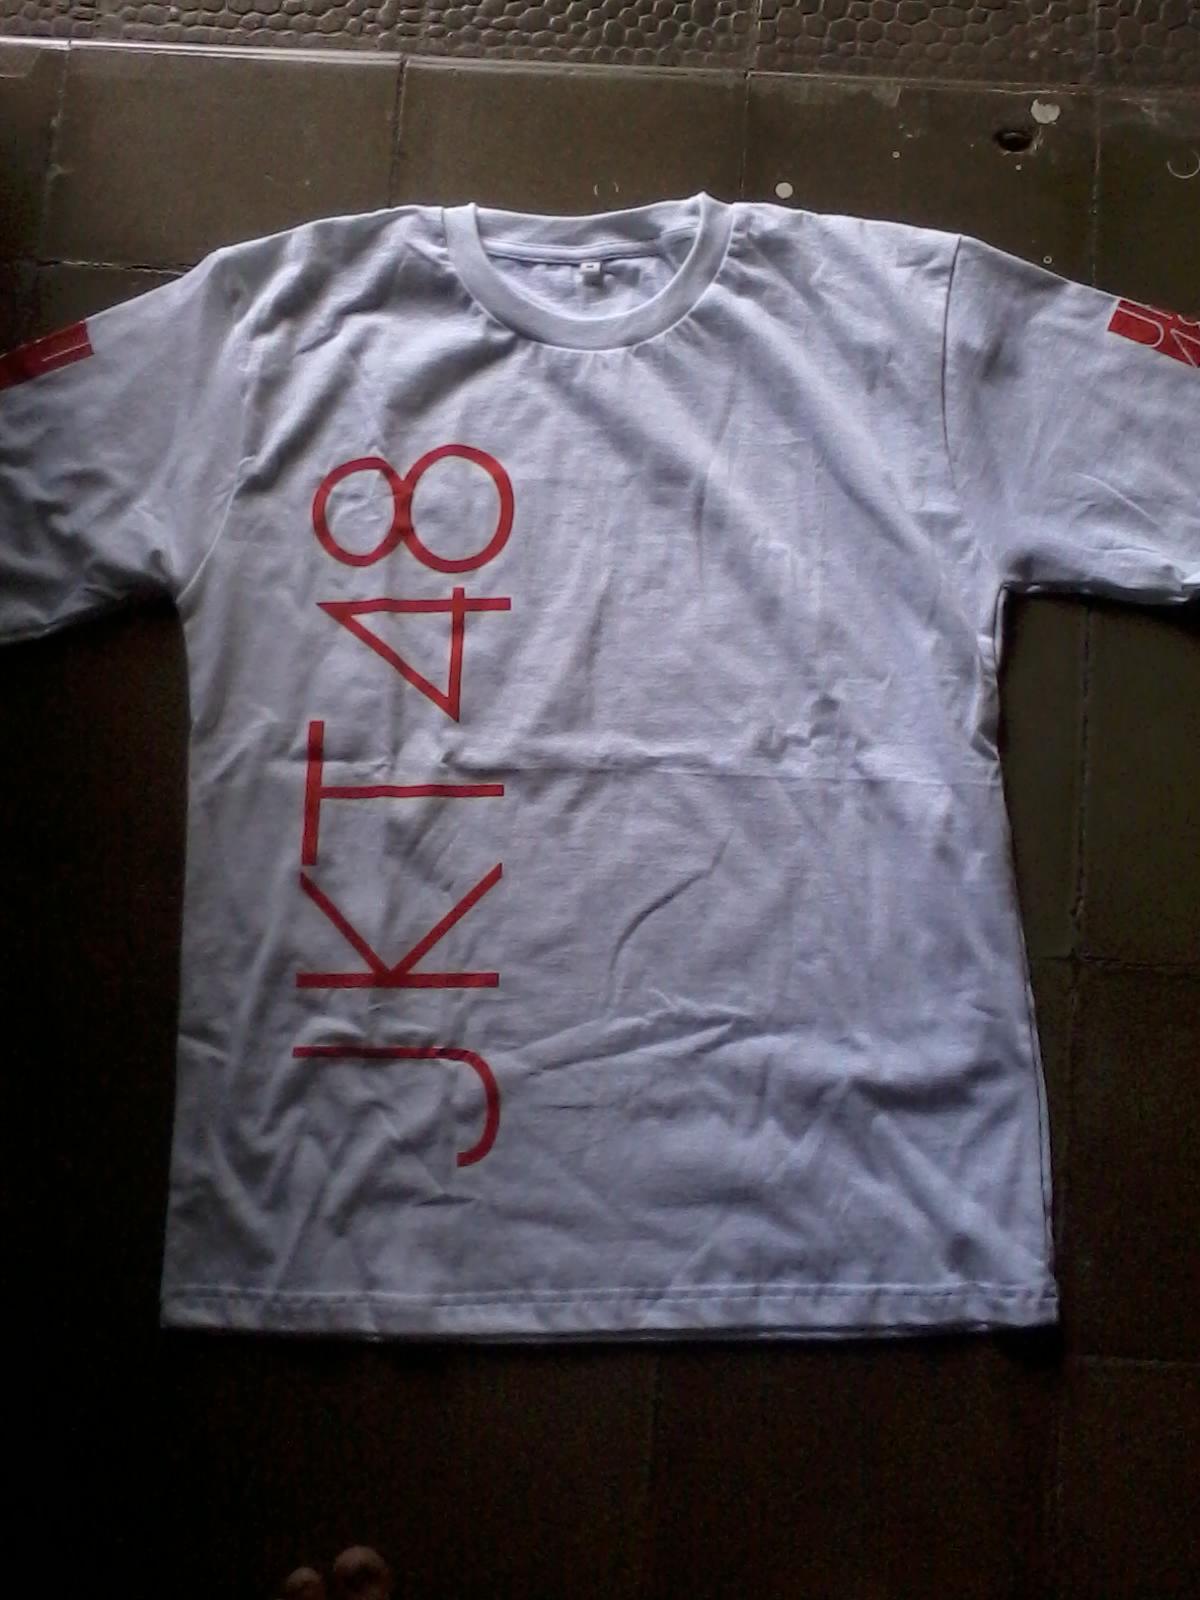 Desain t shirt jkt48 - Done Kaos Jkt48 Tampak Depan Kami Menerima Order Kaos Satuan Karena Kaos Jkt48